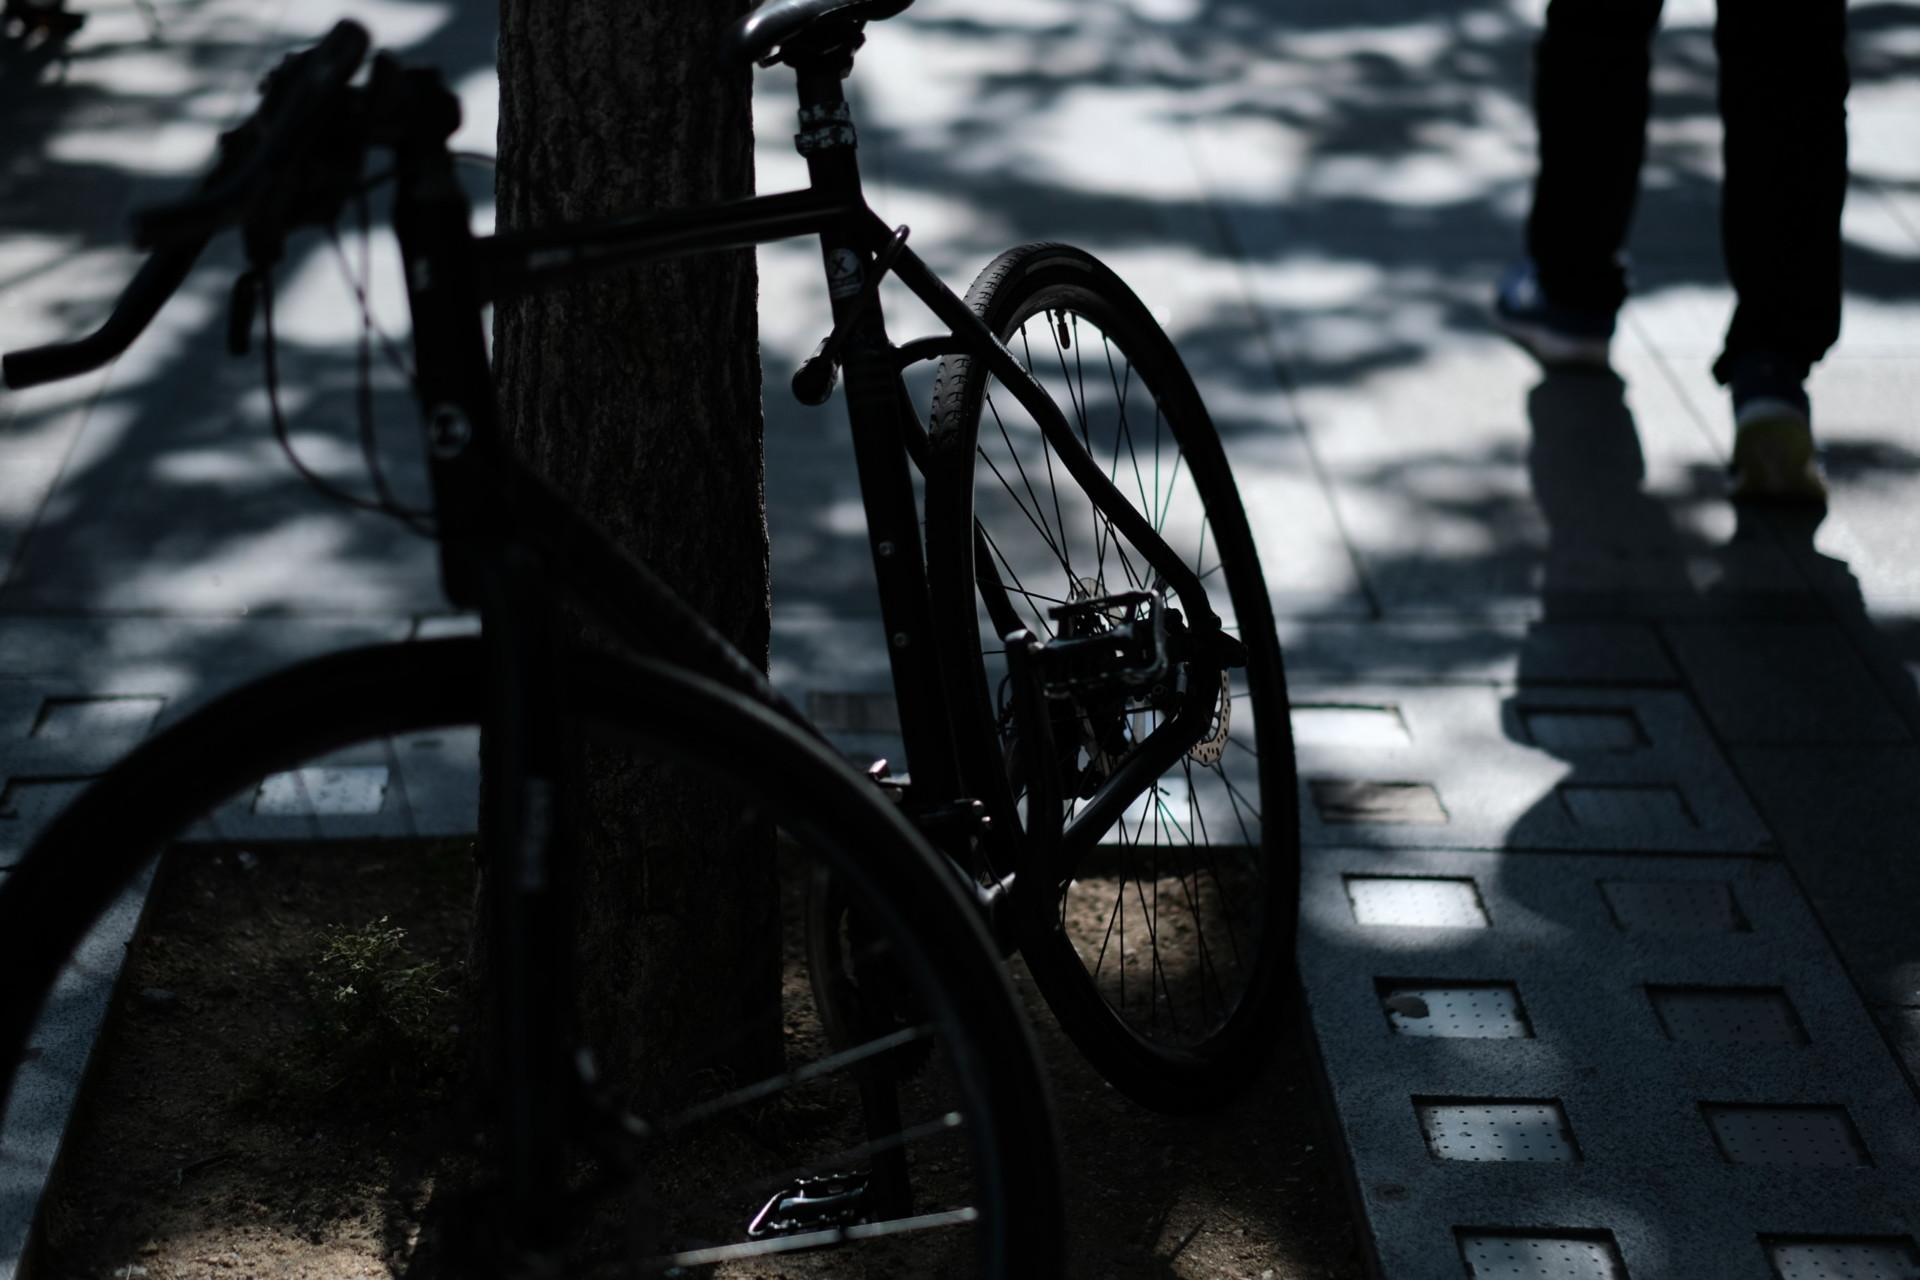 自転車と街を歩く人影